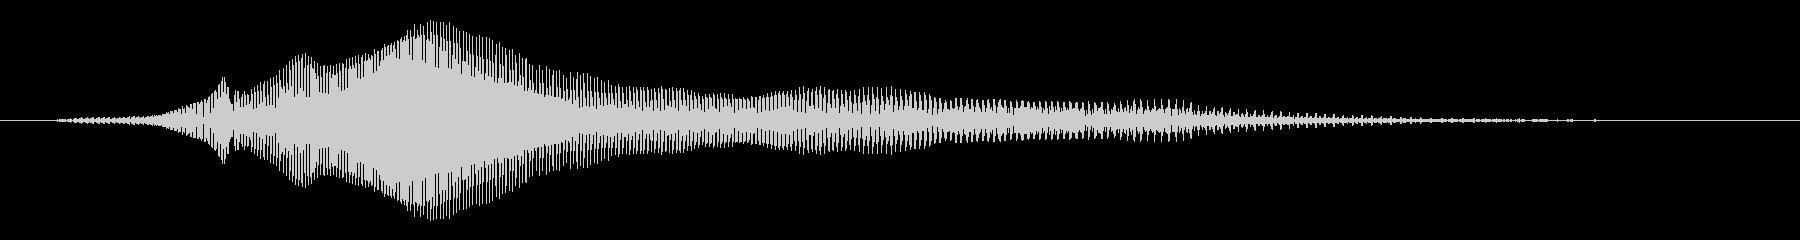 wow! (Treble voice)'s unreproduced waveform